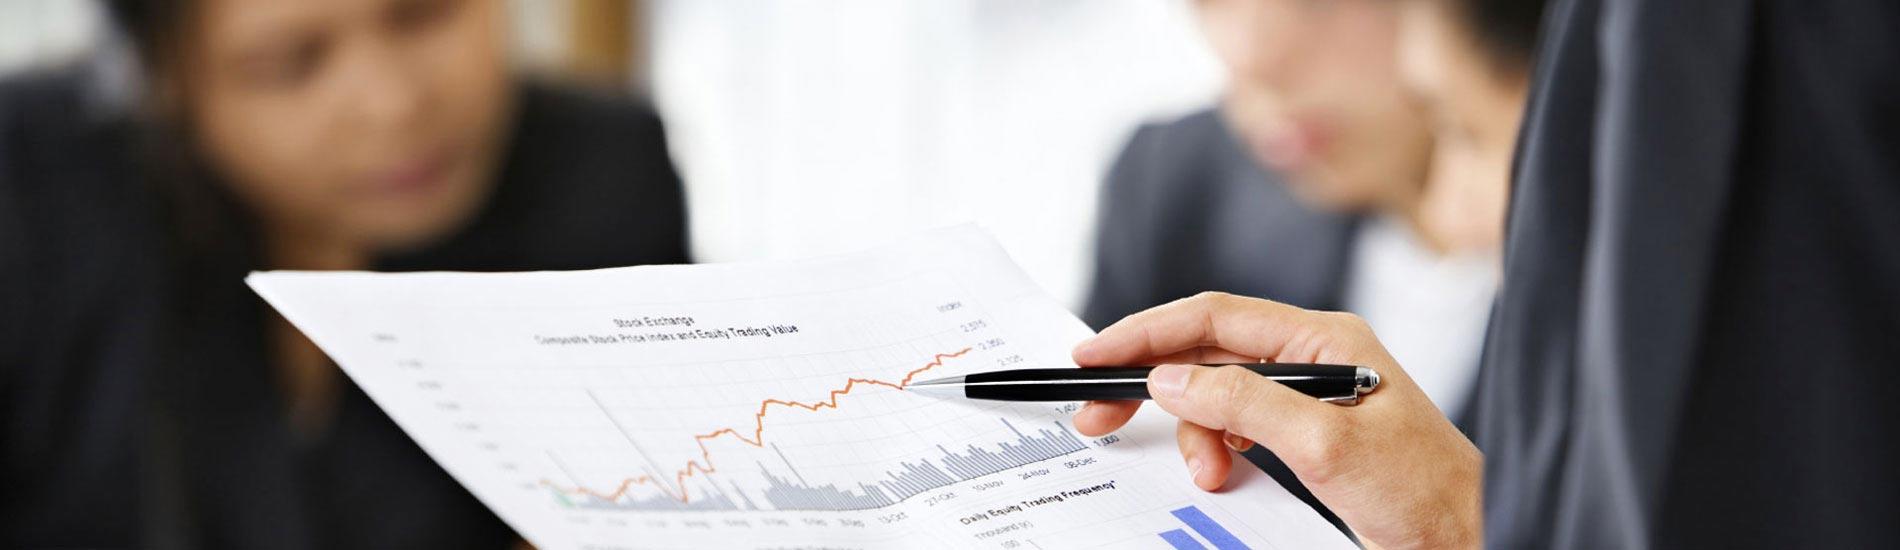 Ordine Dottori Commercialisti in Puglia: Bari, Barletta-Andria-Trani, Brindisi, Lecce, Foggia e Taranto